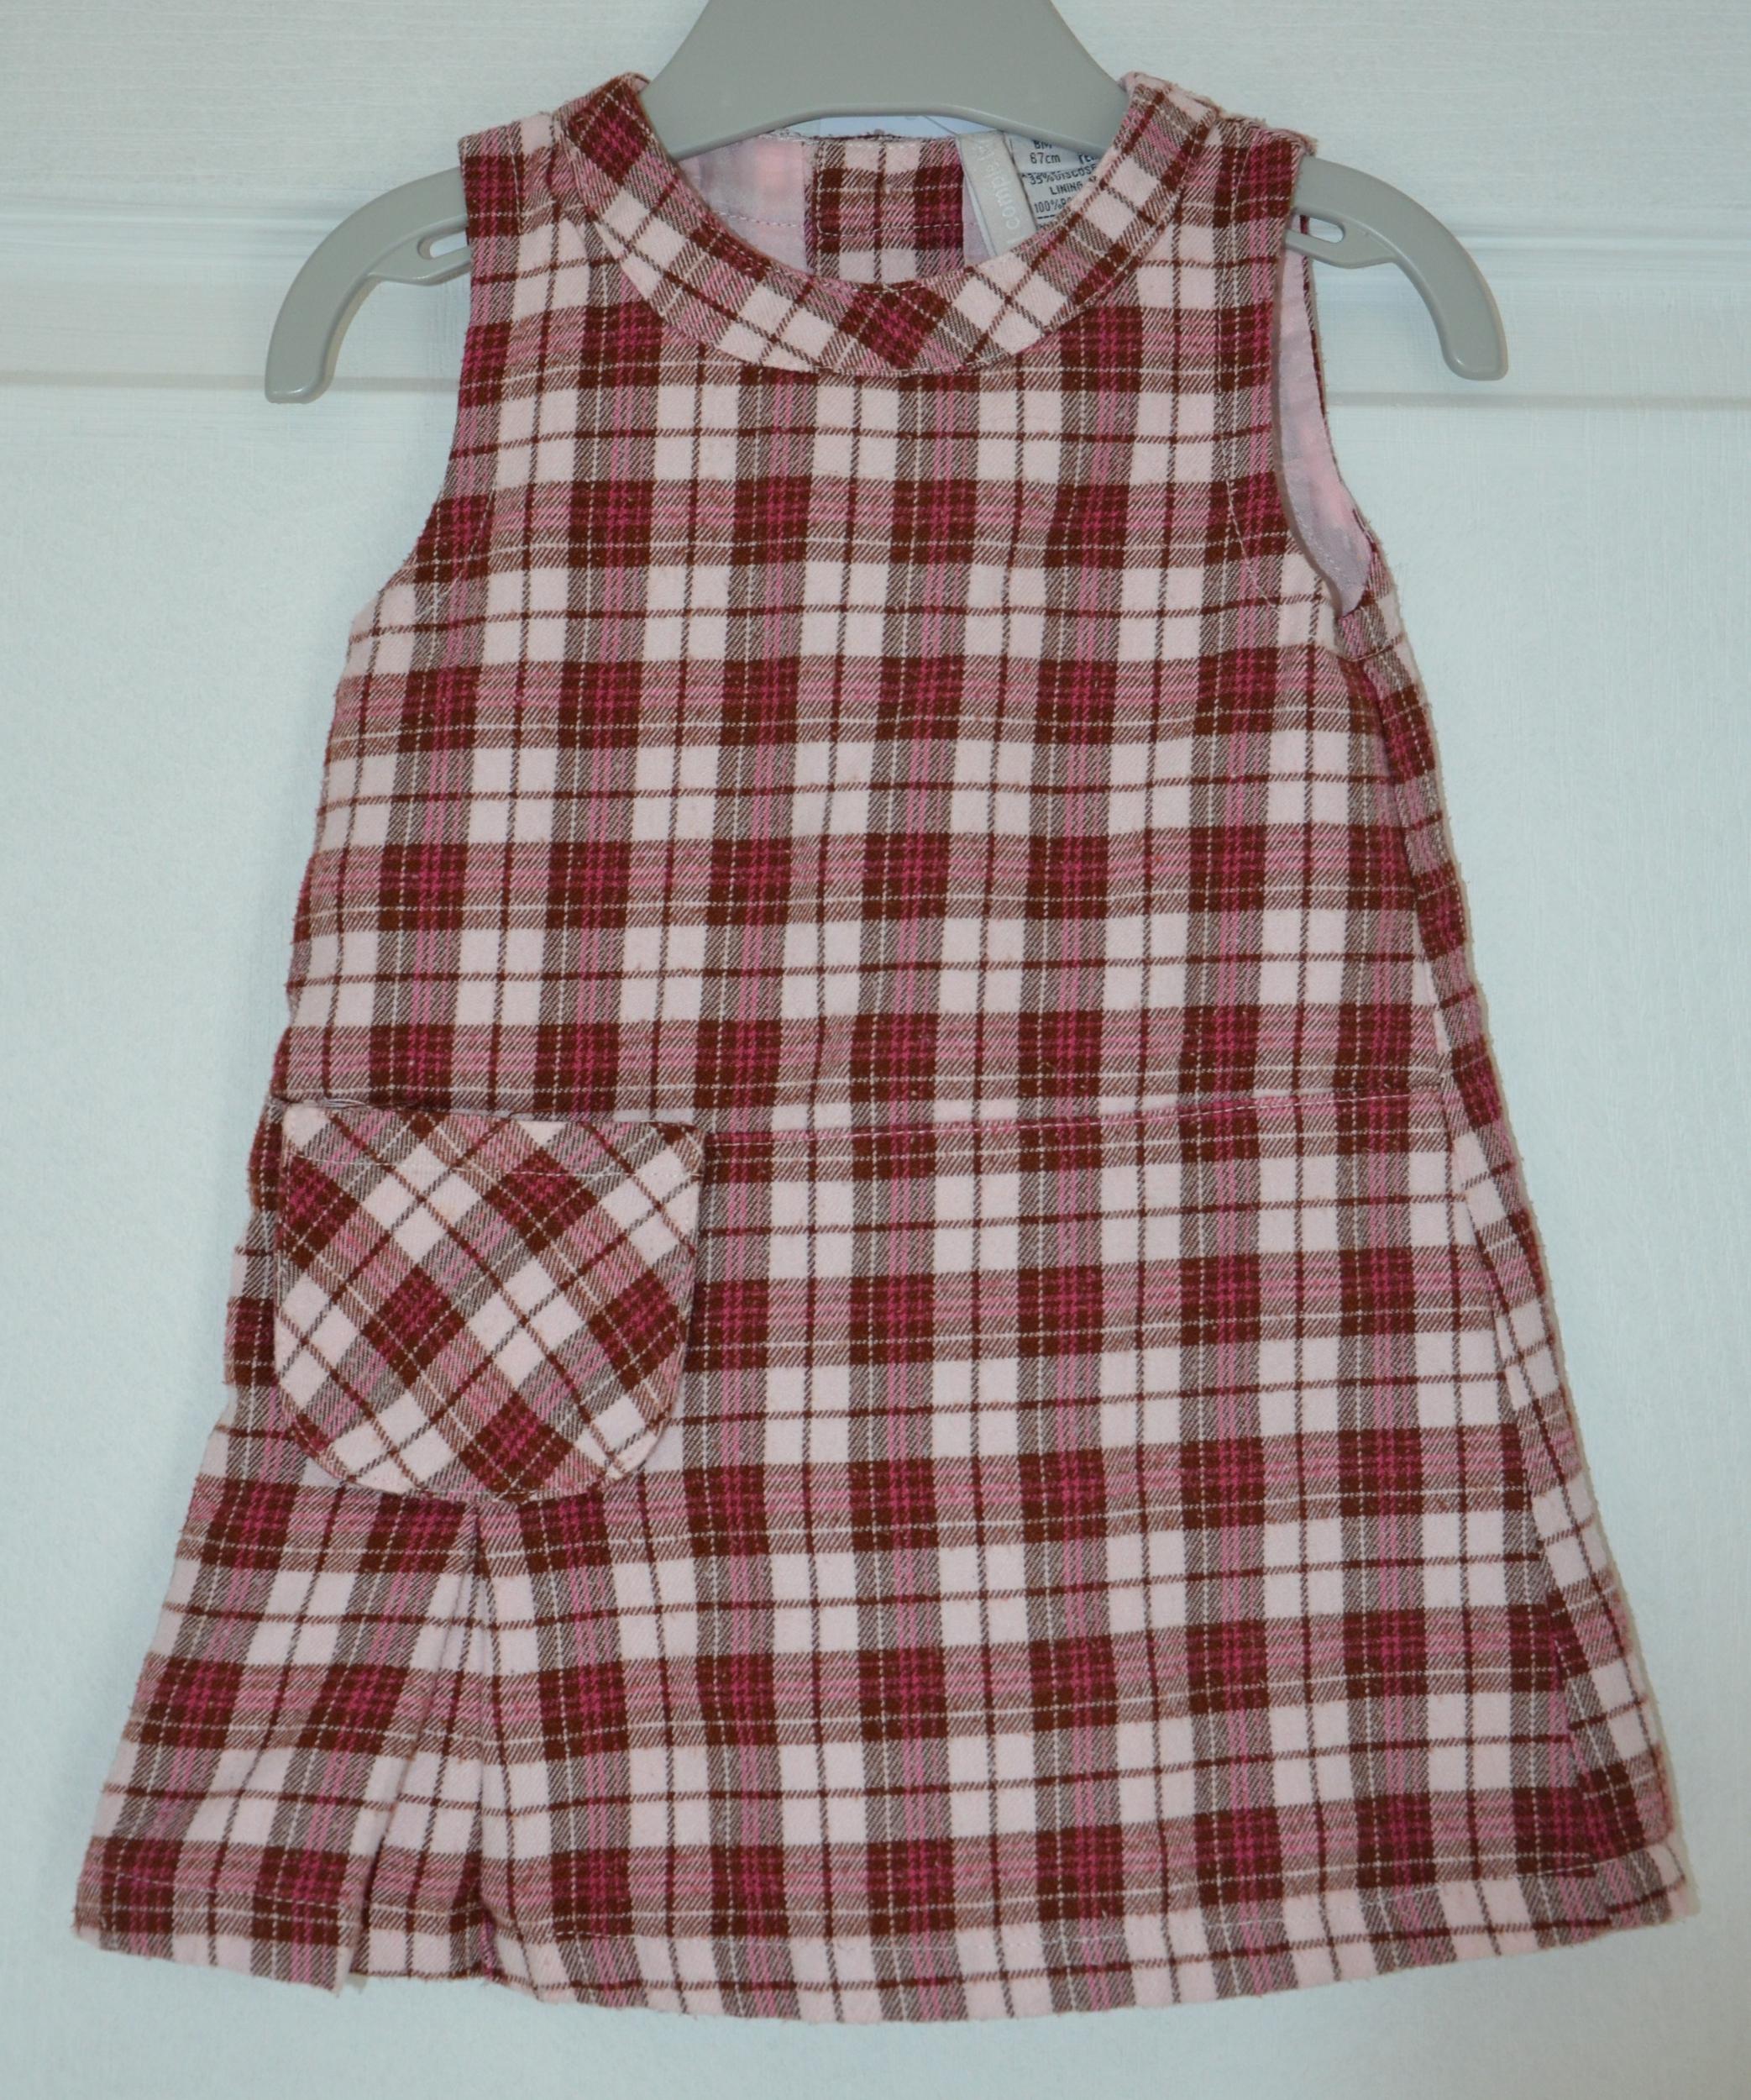 robe fille 6 mois tout compte fait carreaux rose